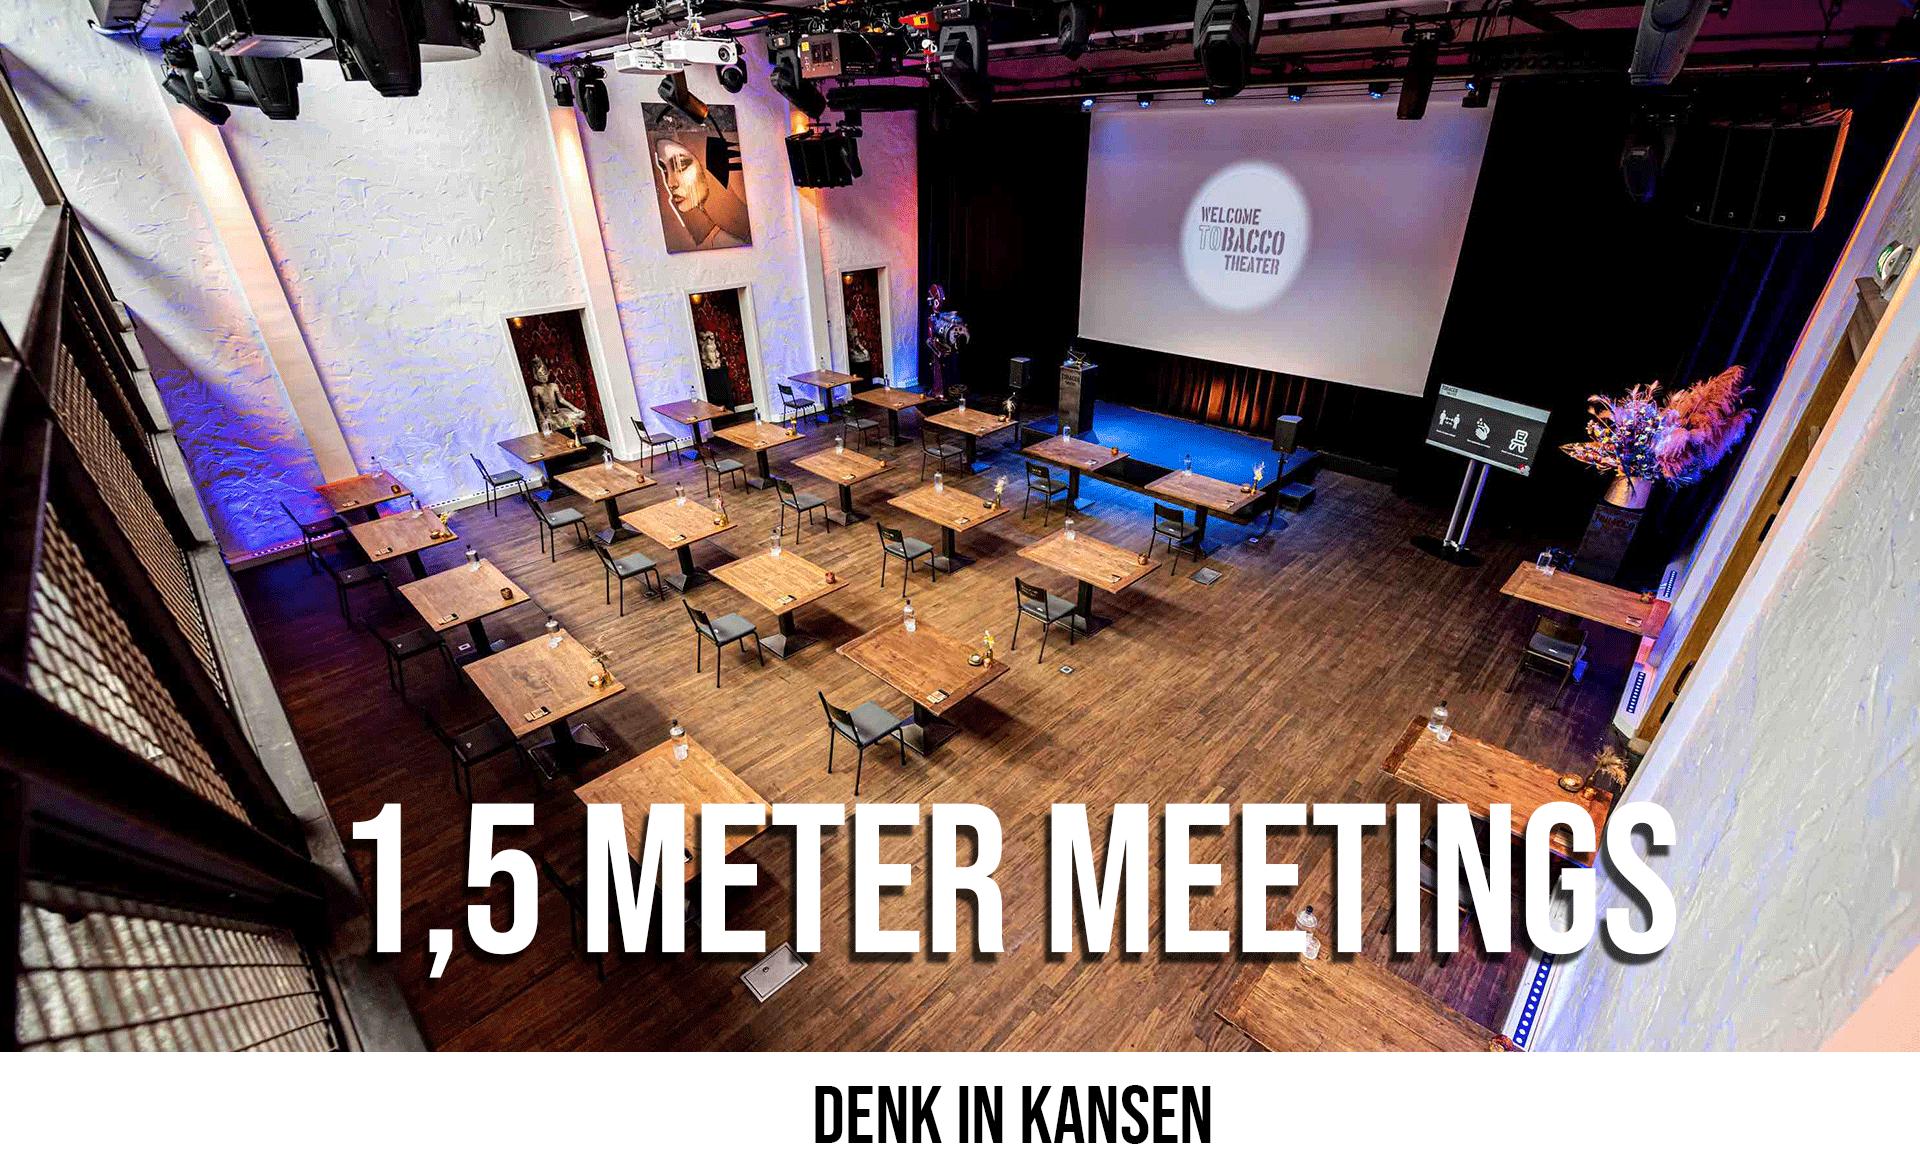 1,5 Meter Meetings Homepage